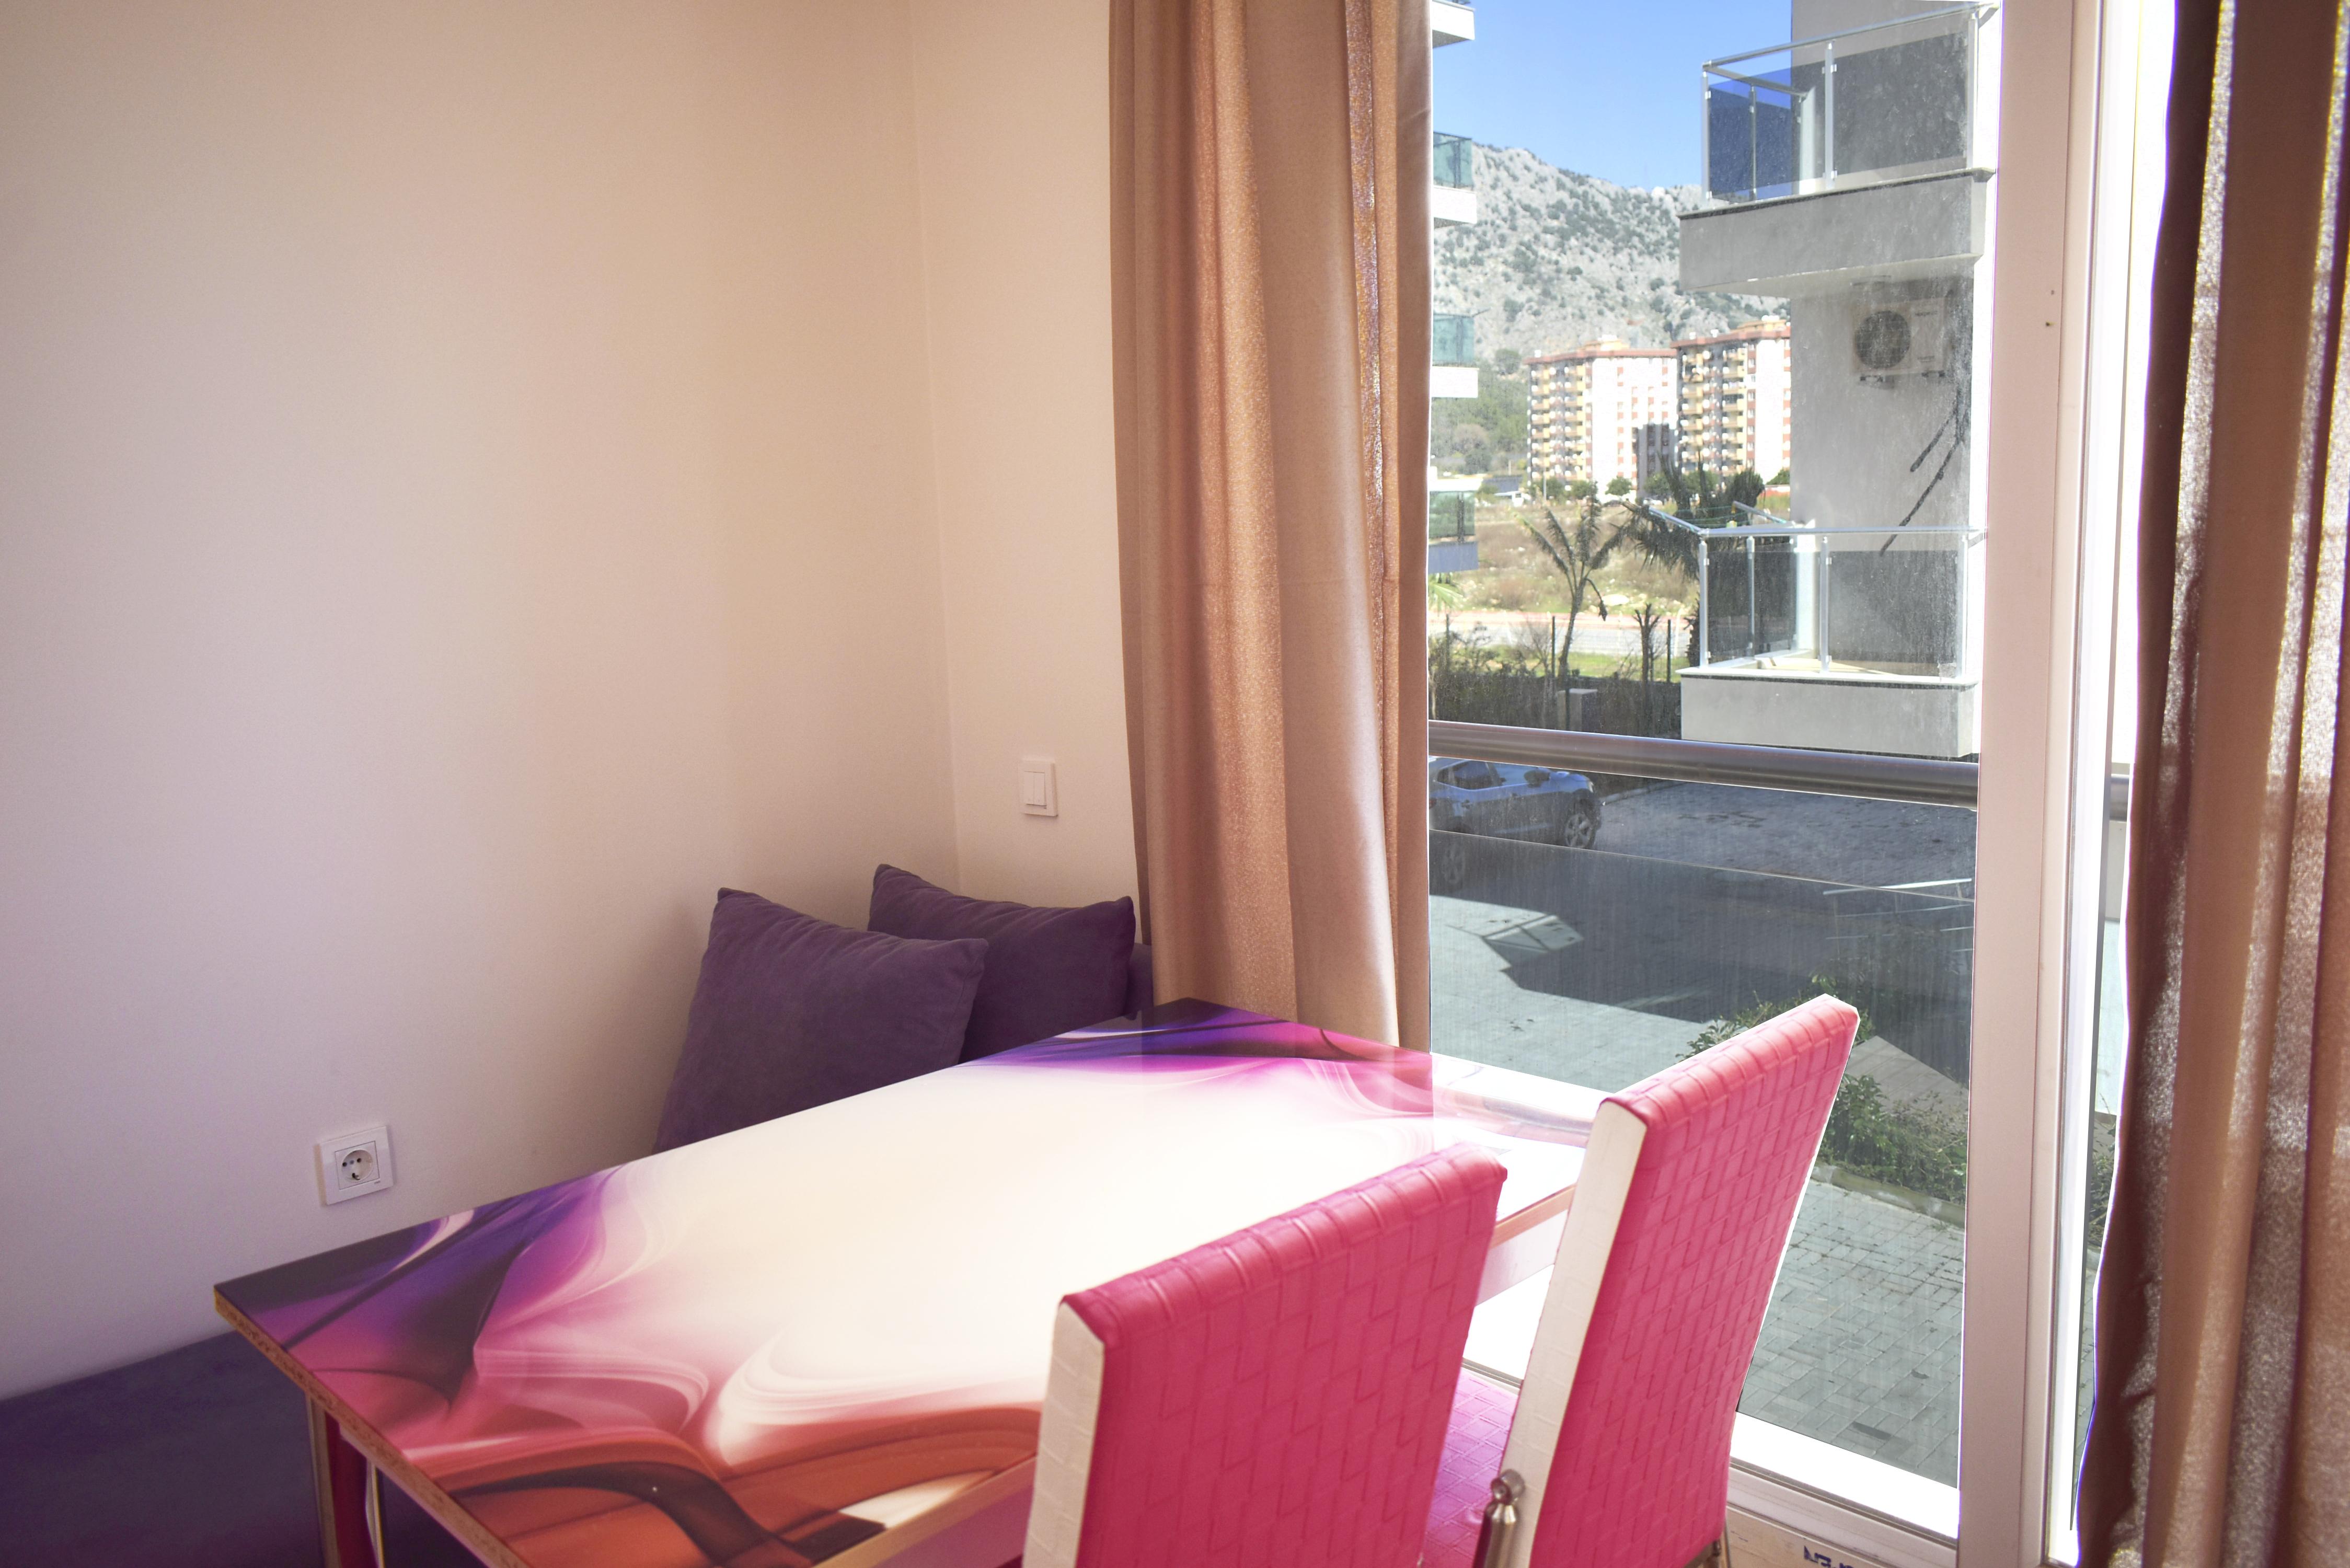 Ferienwohnung Gemtliche 2 Schlafzimmer mit Blick auf die Berge Gratis Wifi (2782156), Çakirlar, , Mittelmeerregion, Türkei, Bild 4